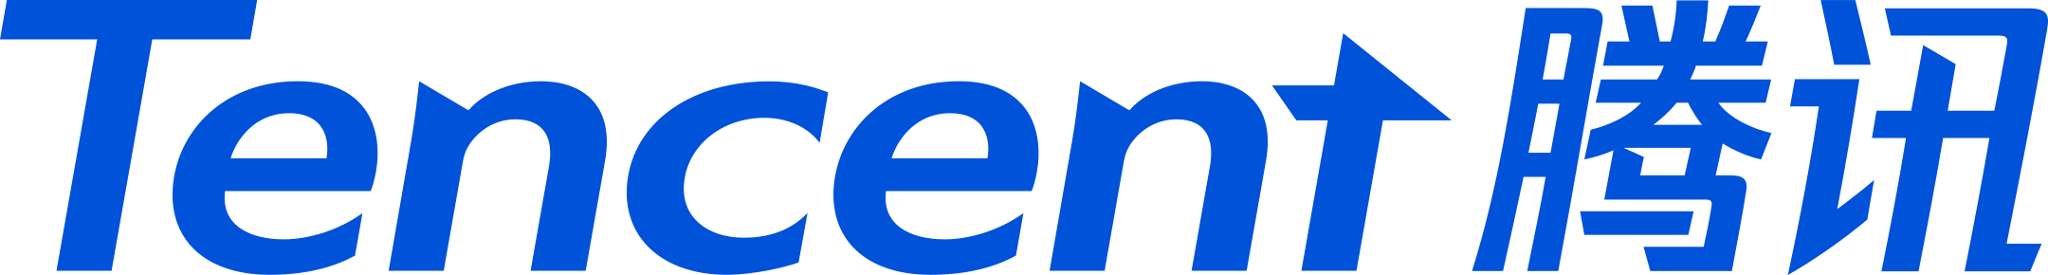 tencent stock kopen header